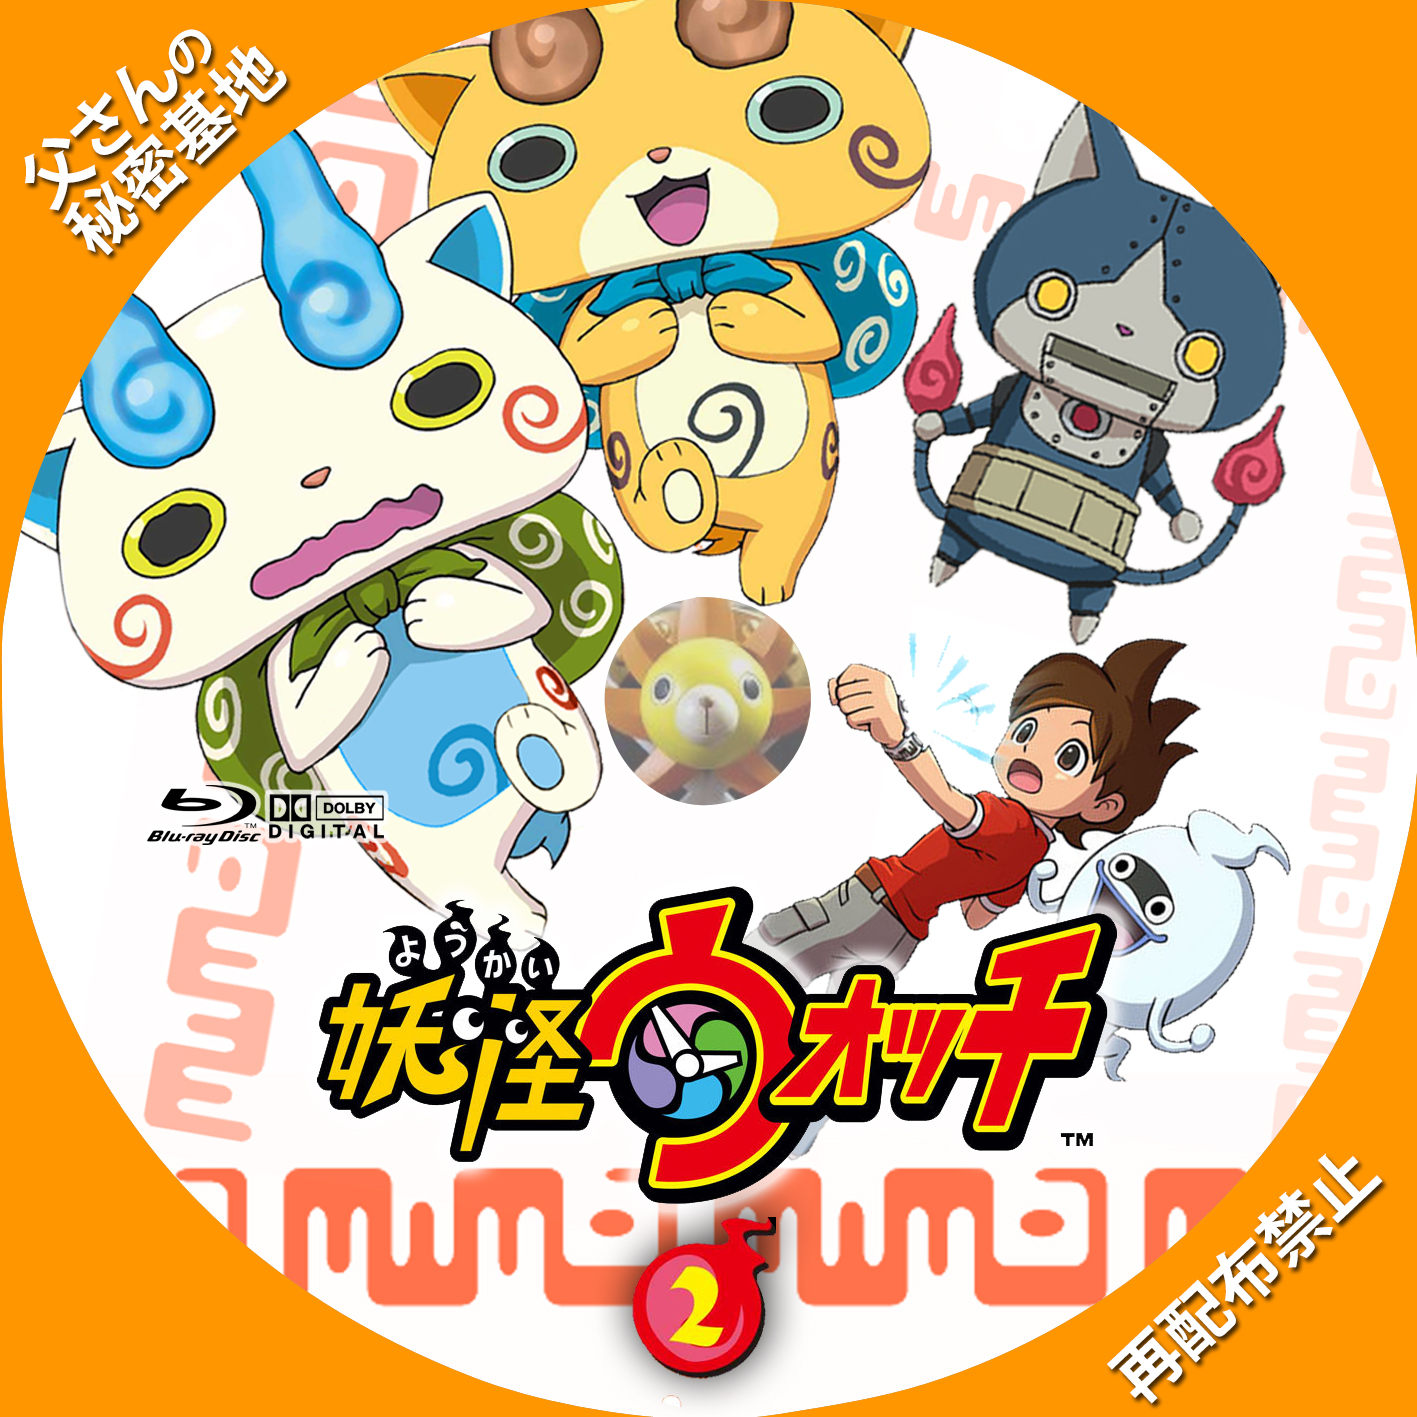 youkai-watchBD_02.jpg